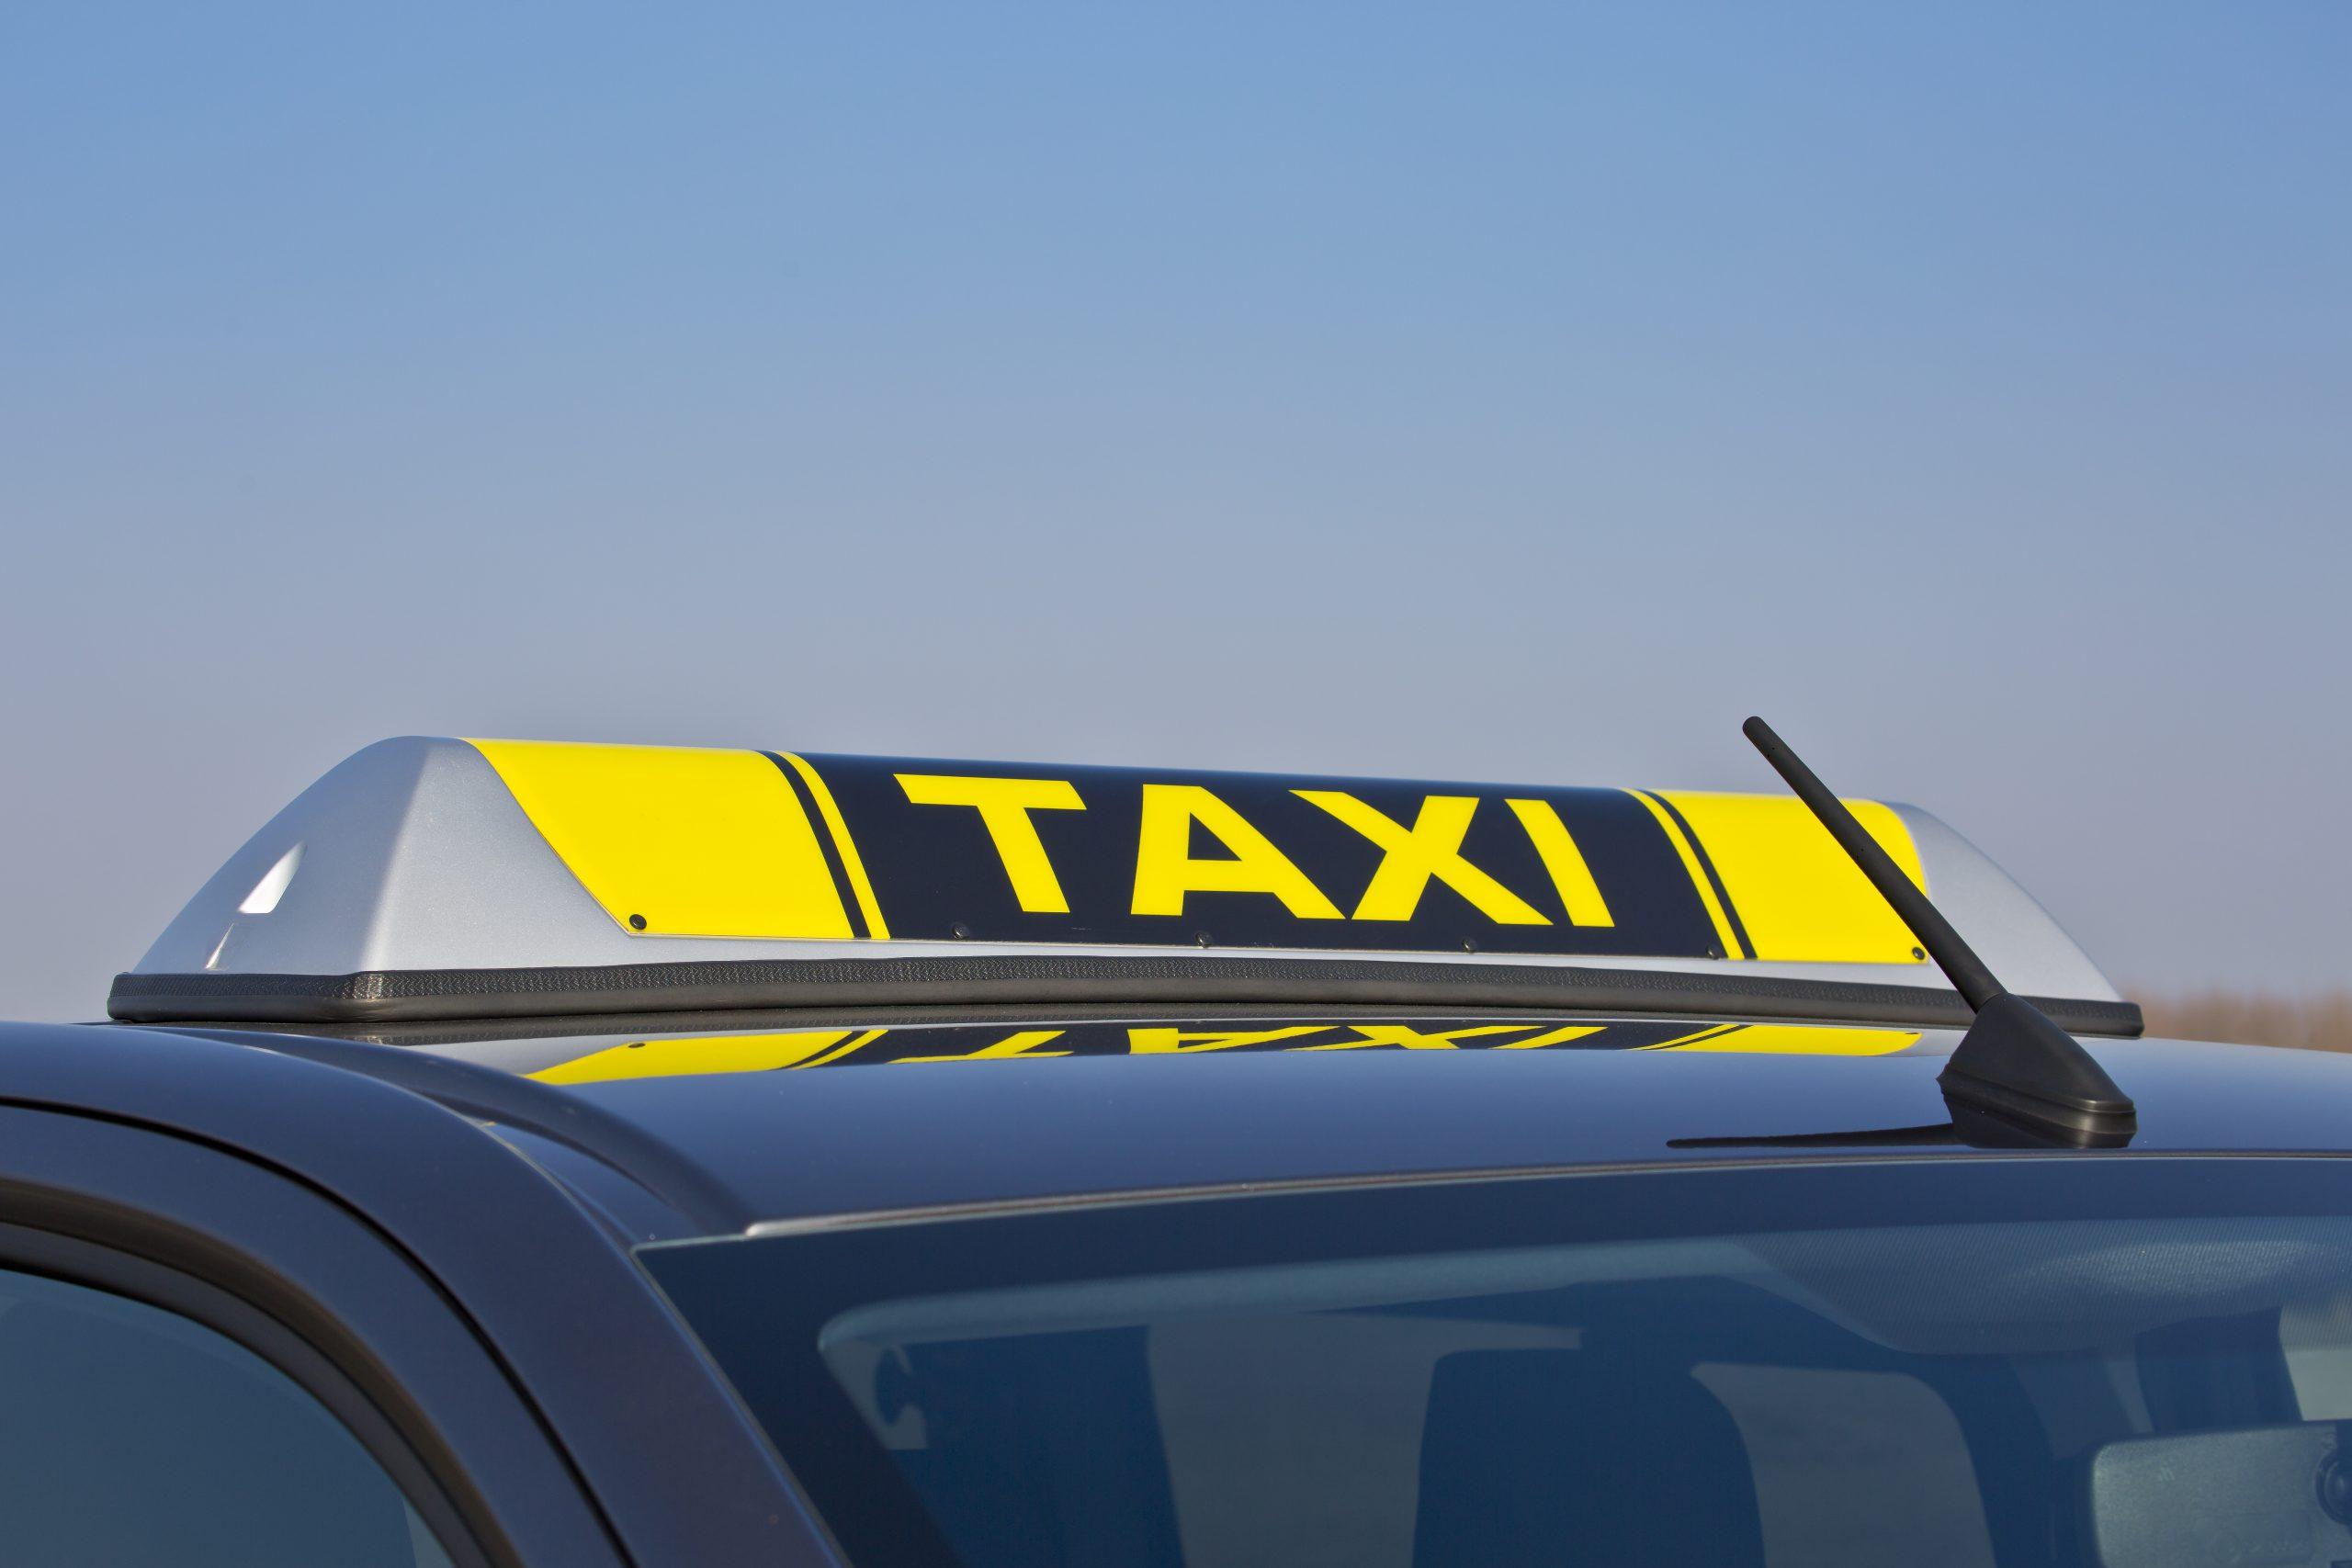 Goedkope Taxi Direct In De Buurt